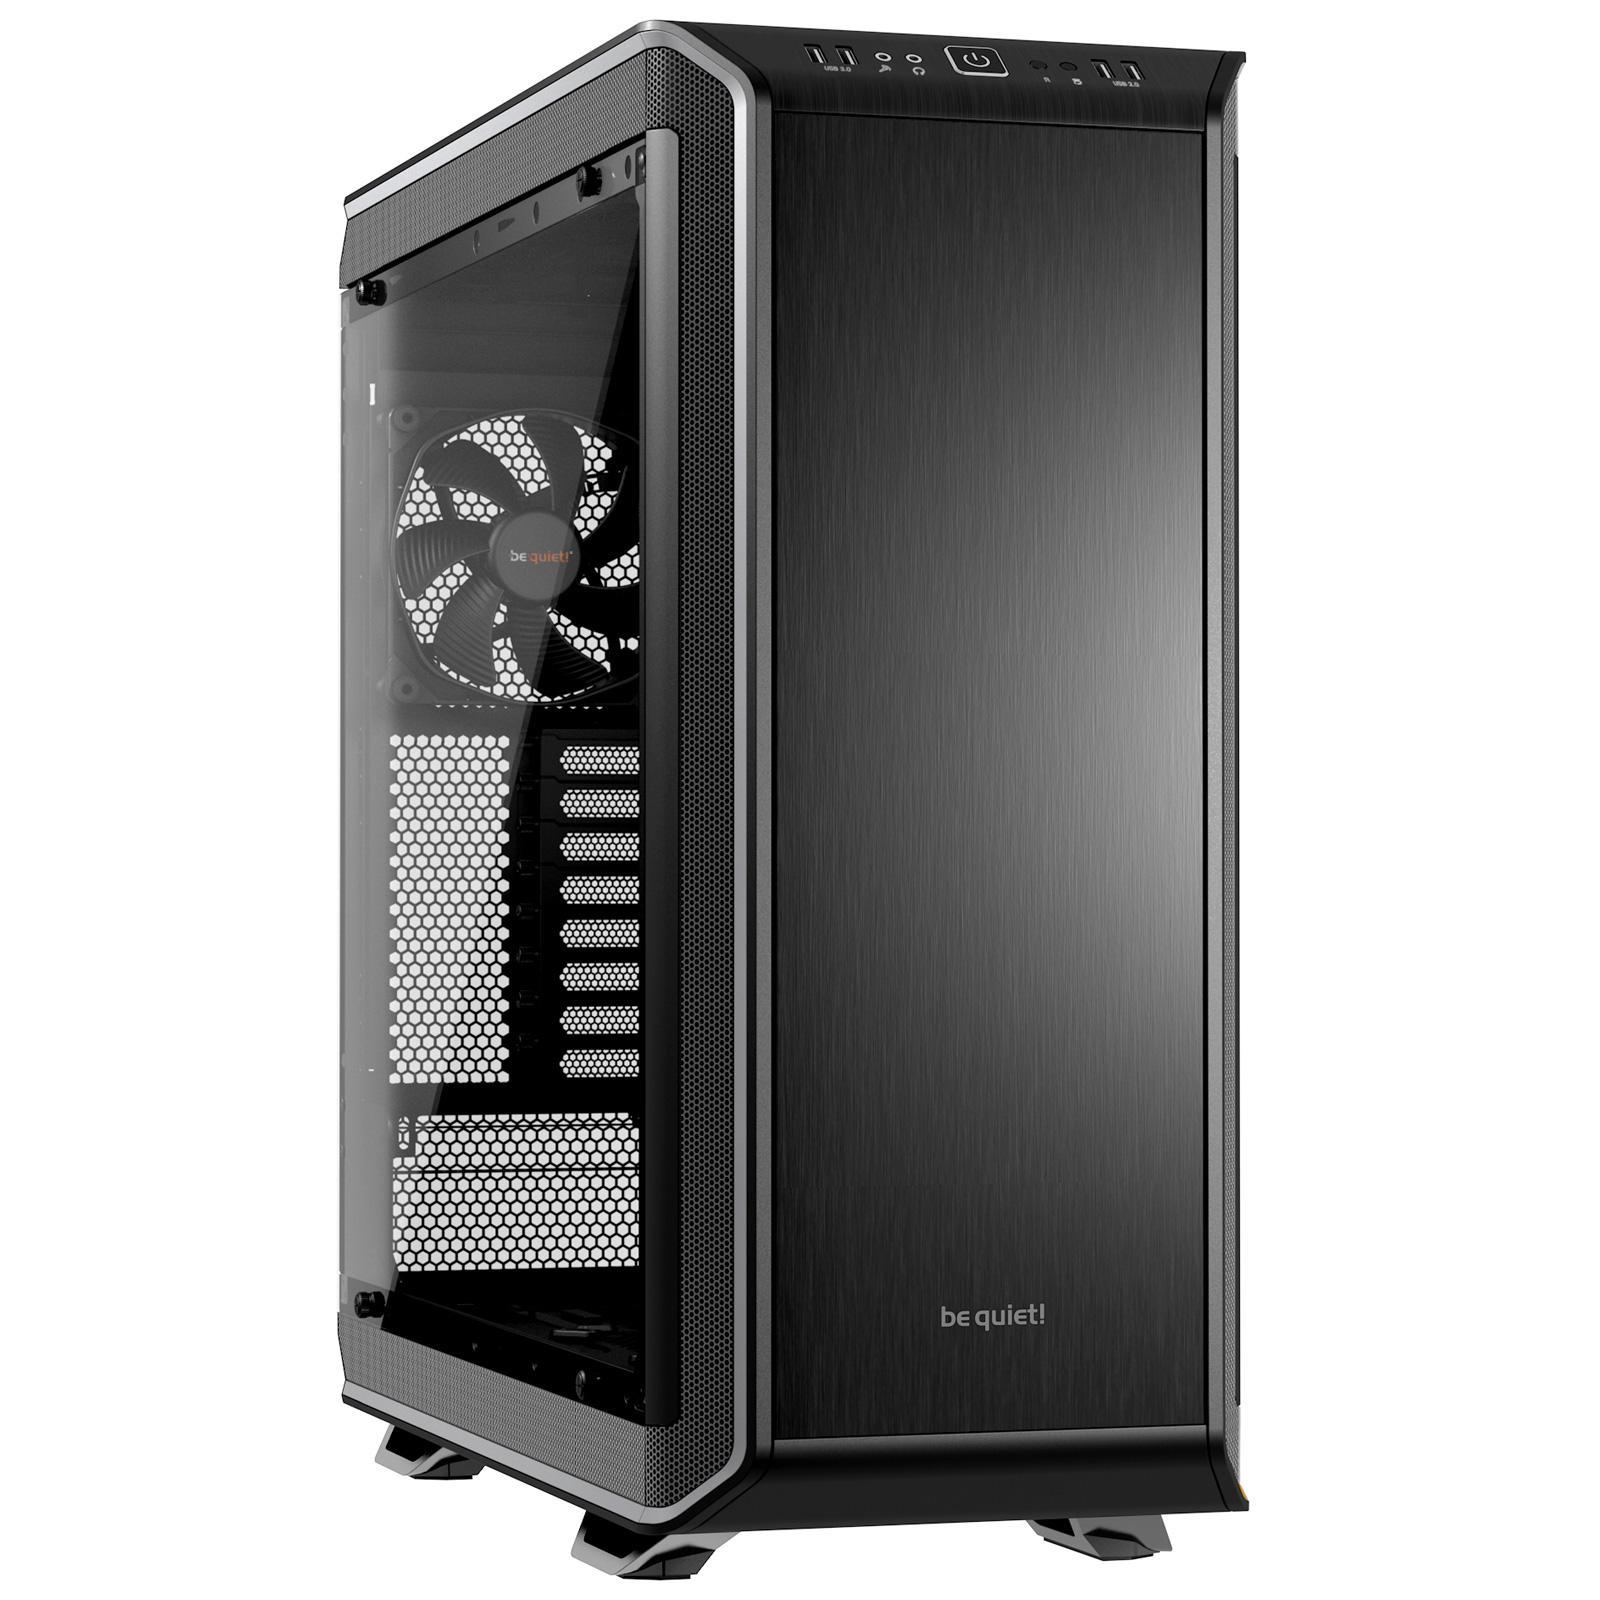 [Membres Prime] Boitier PC be quiet! Dark Base Pro 900, coloris argent